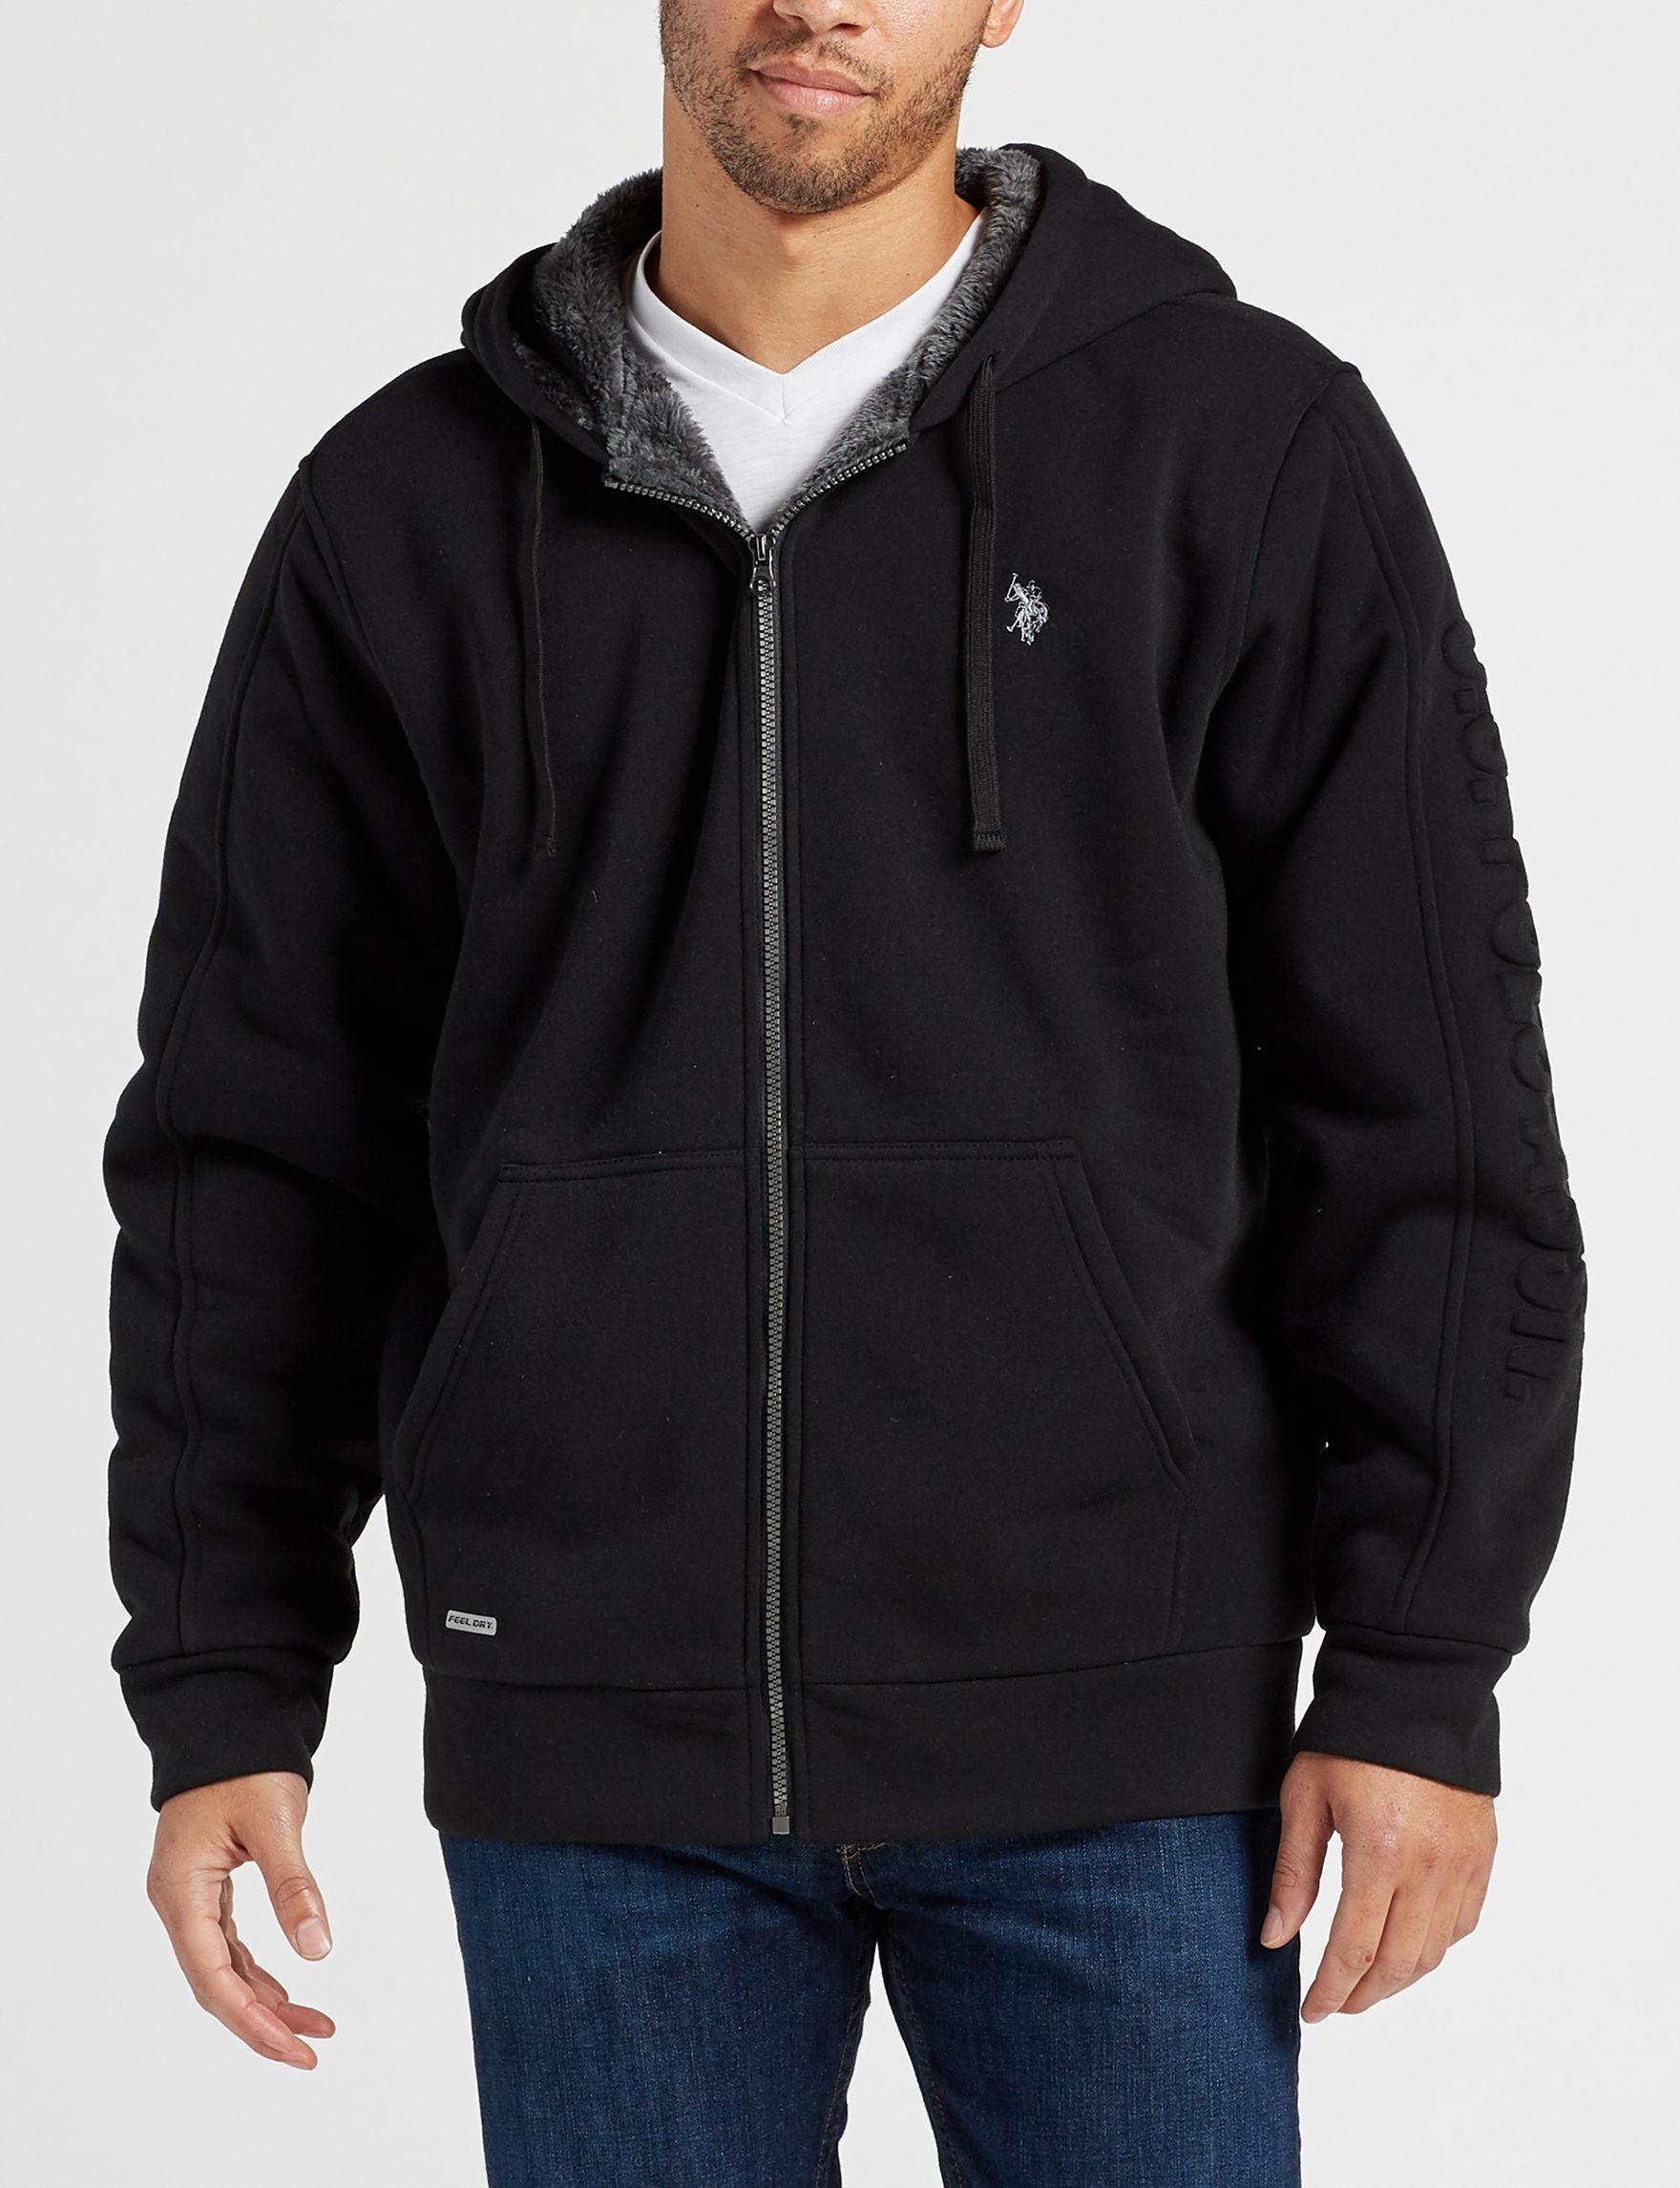 U.S. Polo Assn. Black